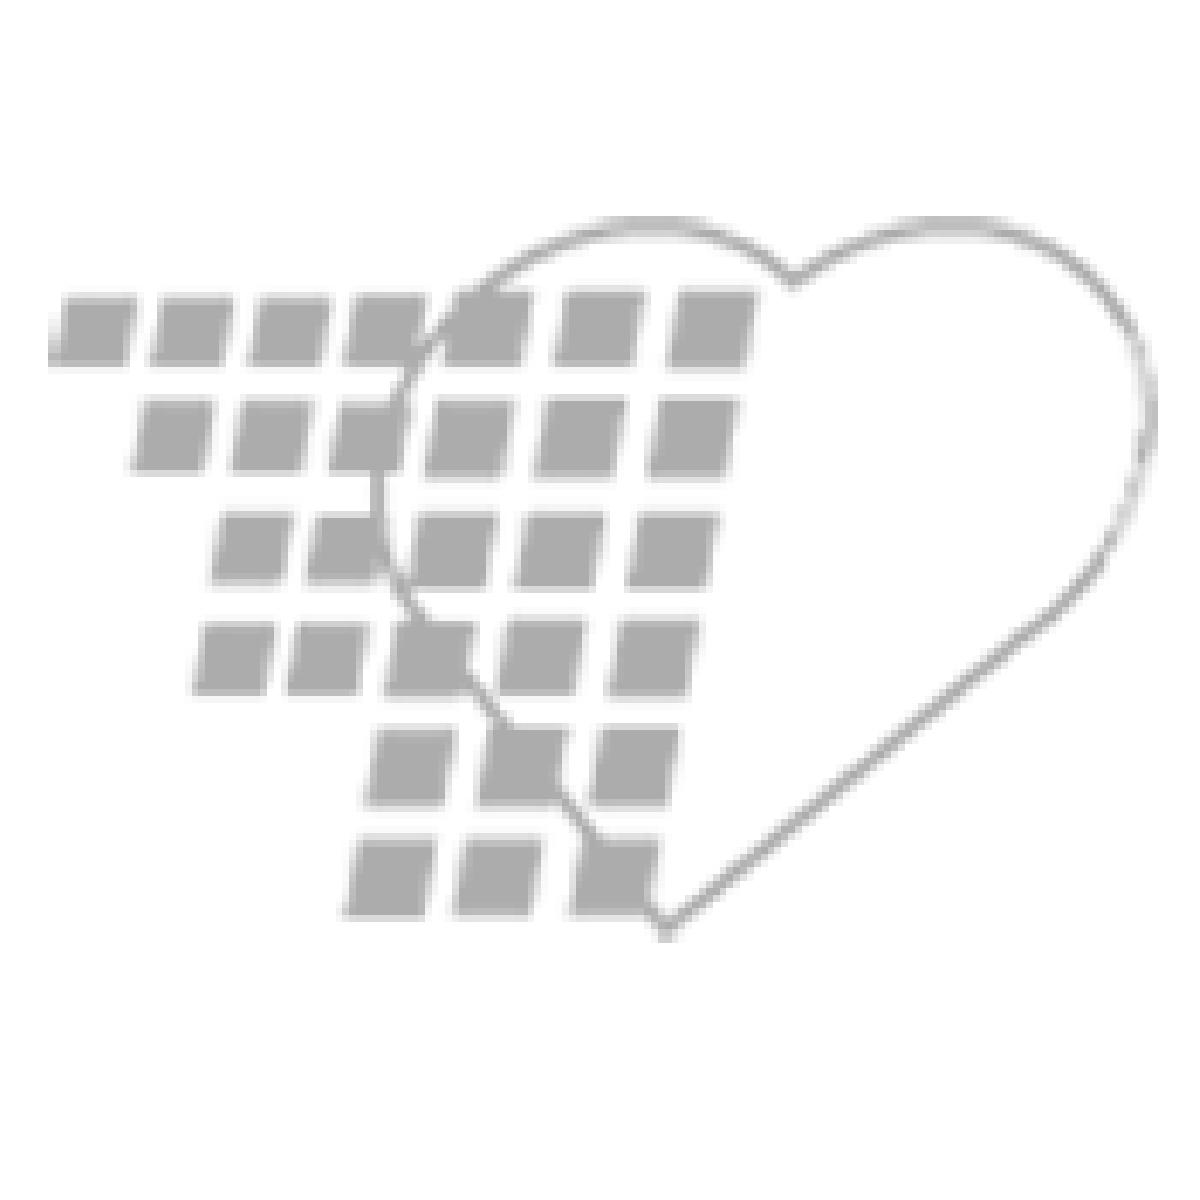 02-80-605 ADC Adscope® Infant Stethoscope